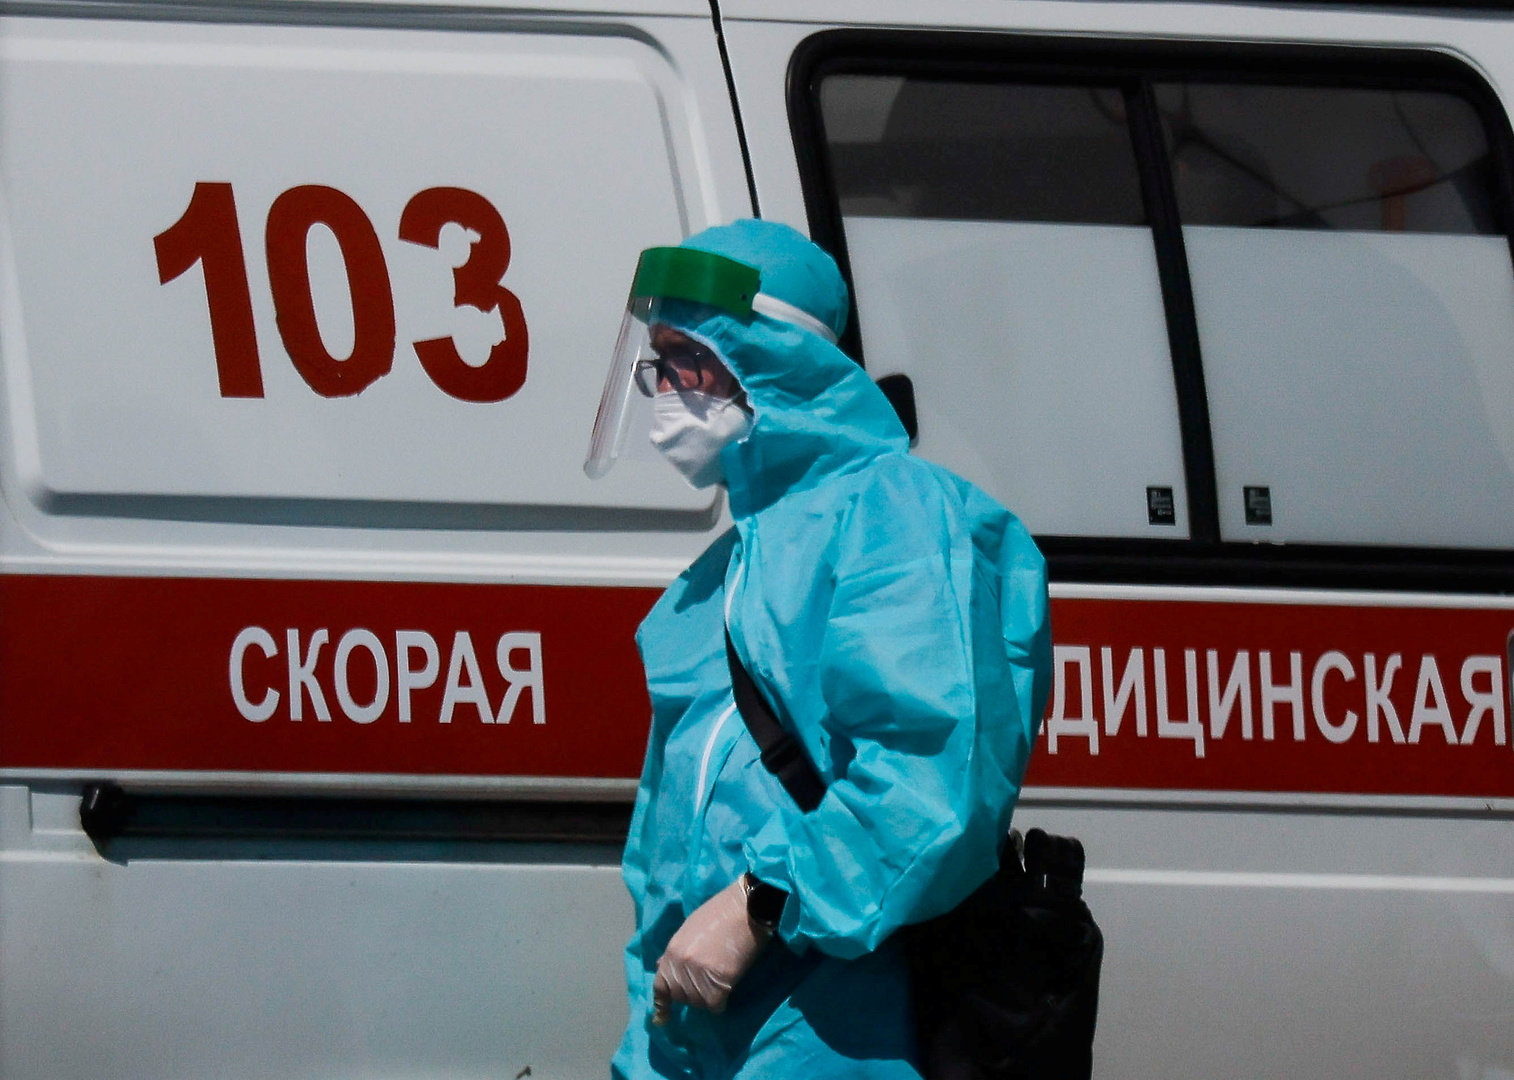 عدد وفيات قياسي في موسكو بسبب كورنا خلال يوم واحد